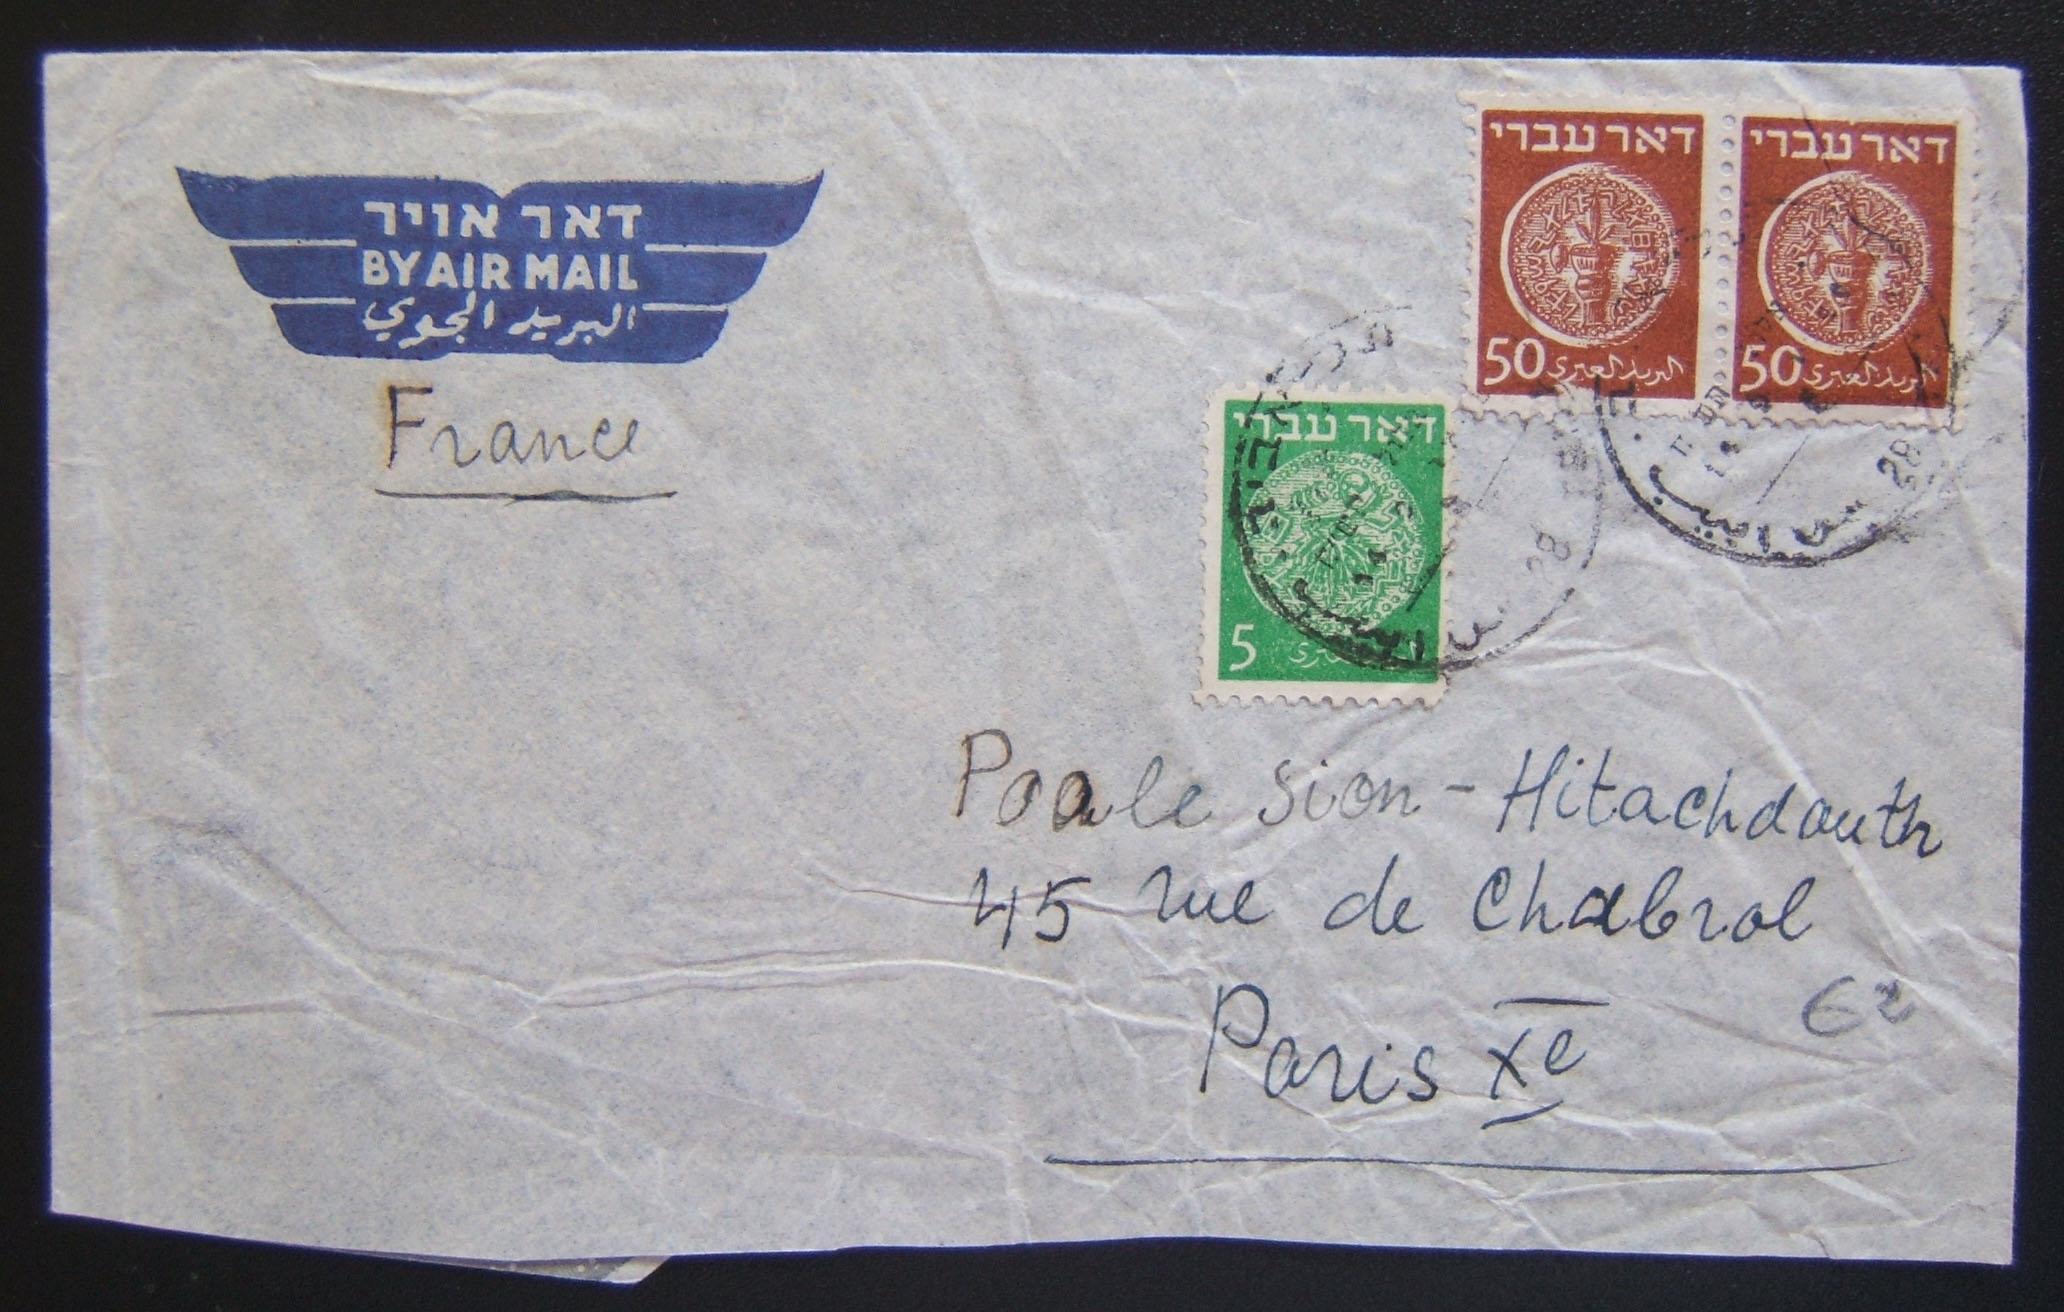 1948 معدل فترة أول طيران: 14-9-1948 comm. a / m cv الحركة السياسية السابقة في TLV إلى حركة Poale Tzion في باريس صراحة 105m في ثلاثة أضعاف معدل الفترة FA-1 من 35M إلى فرنسا (ل